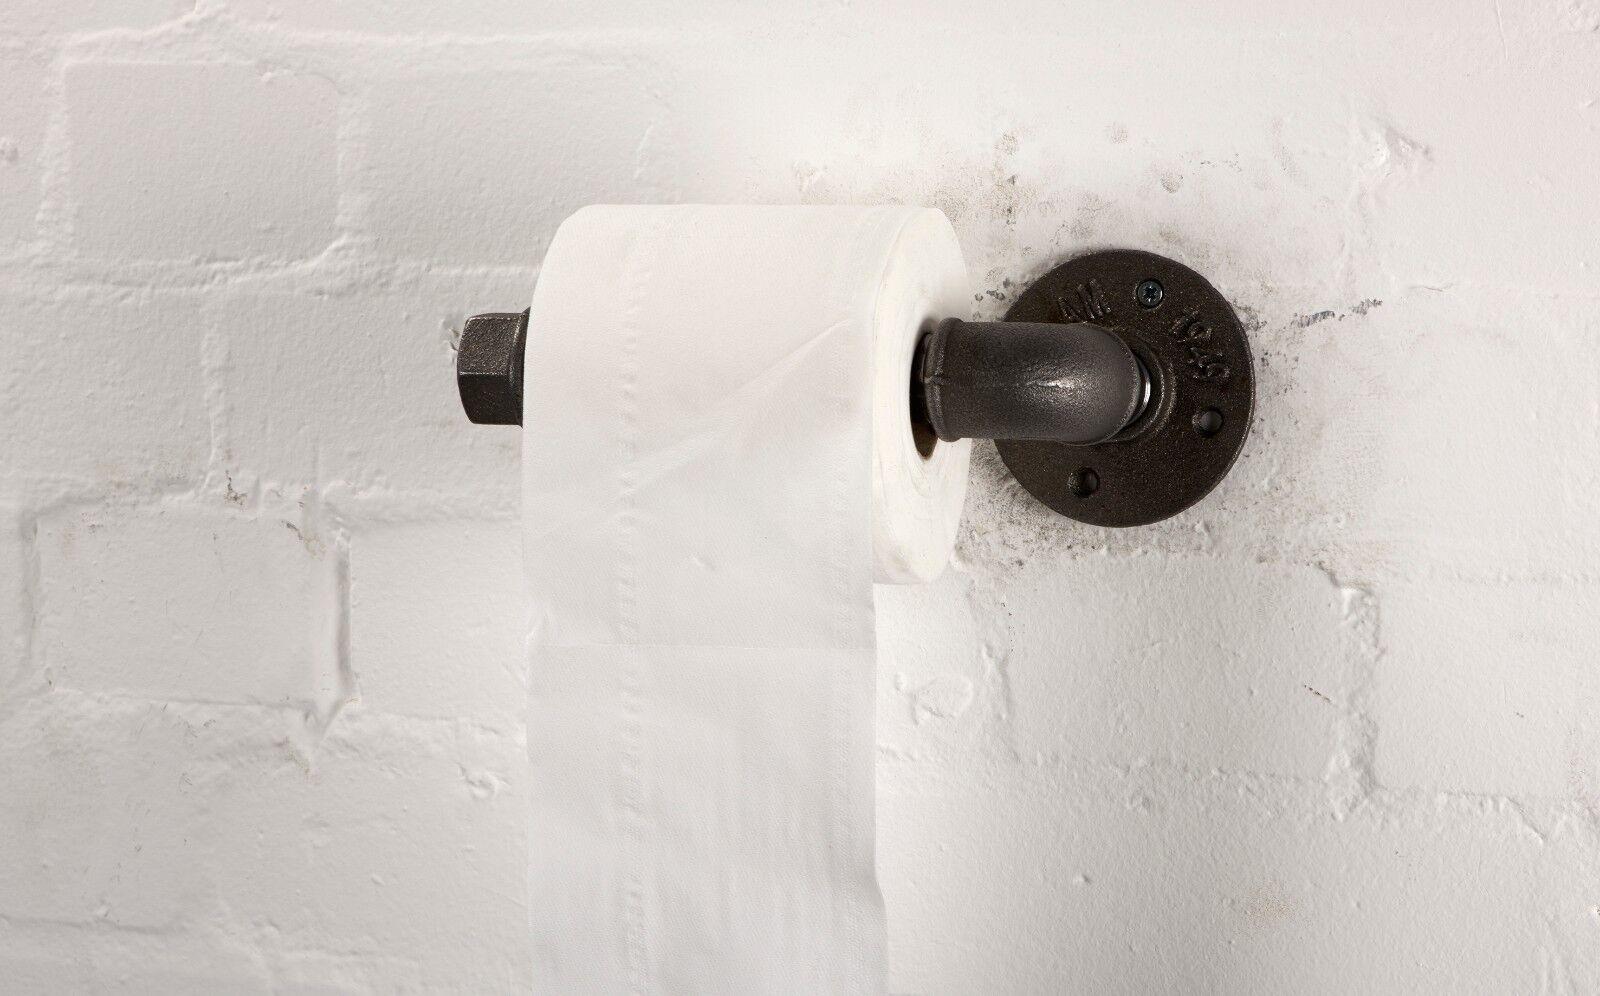 Industrial pipe porte-rouleaux de papier toilette - 3 Designs Designs Designs à Choisir Heavy Duty | Pas Chers  cf6fcf